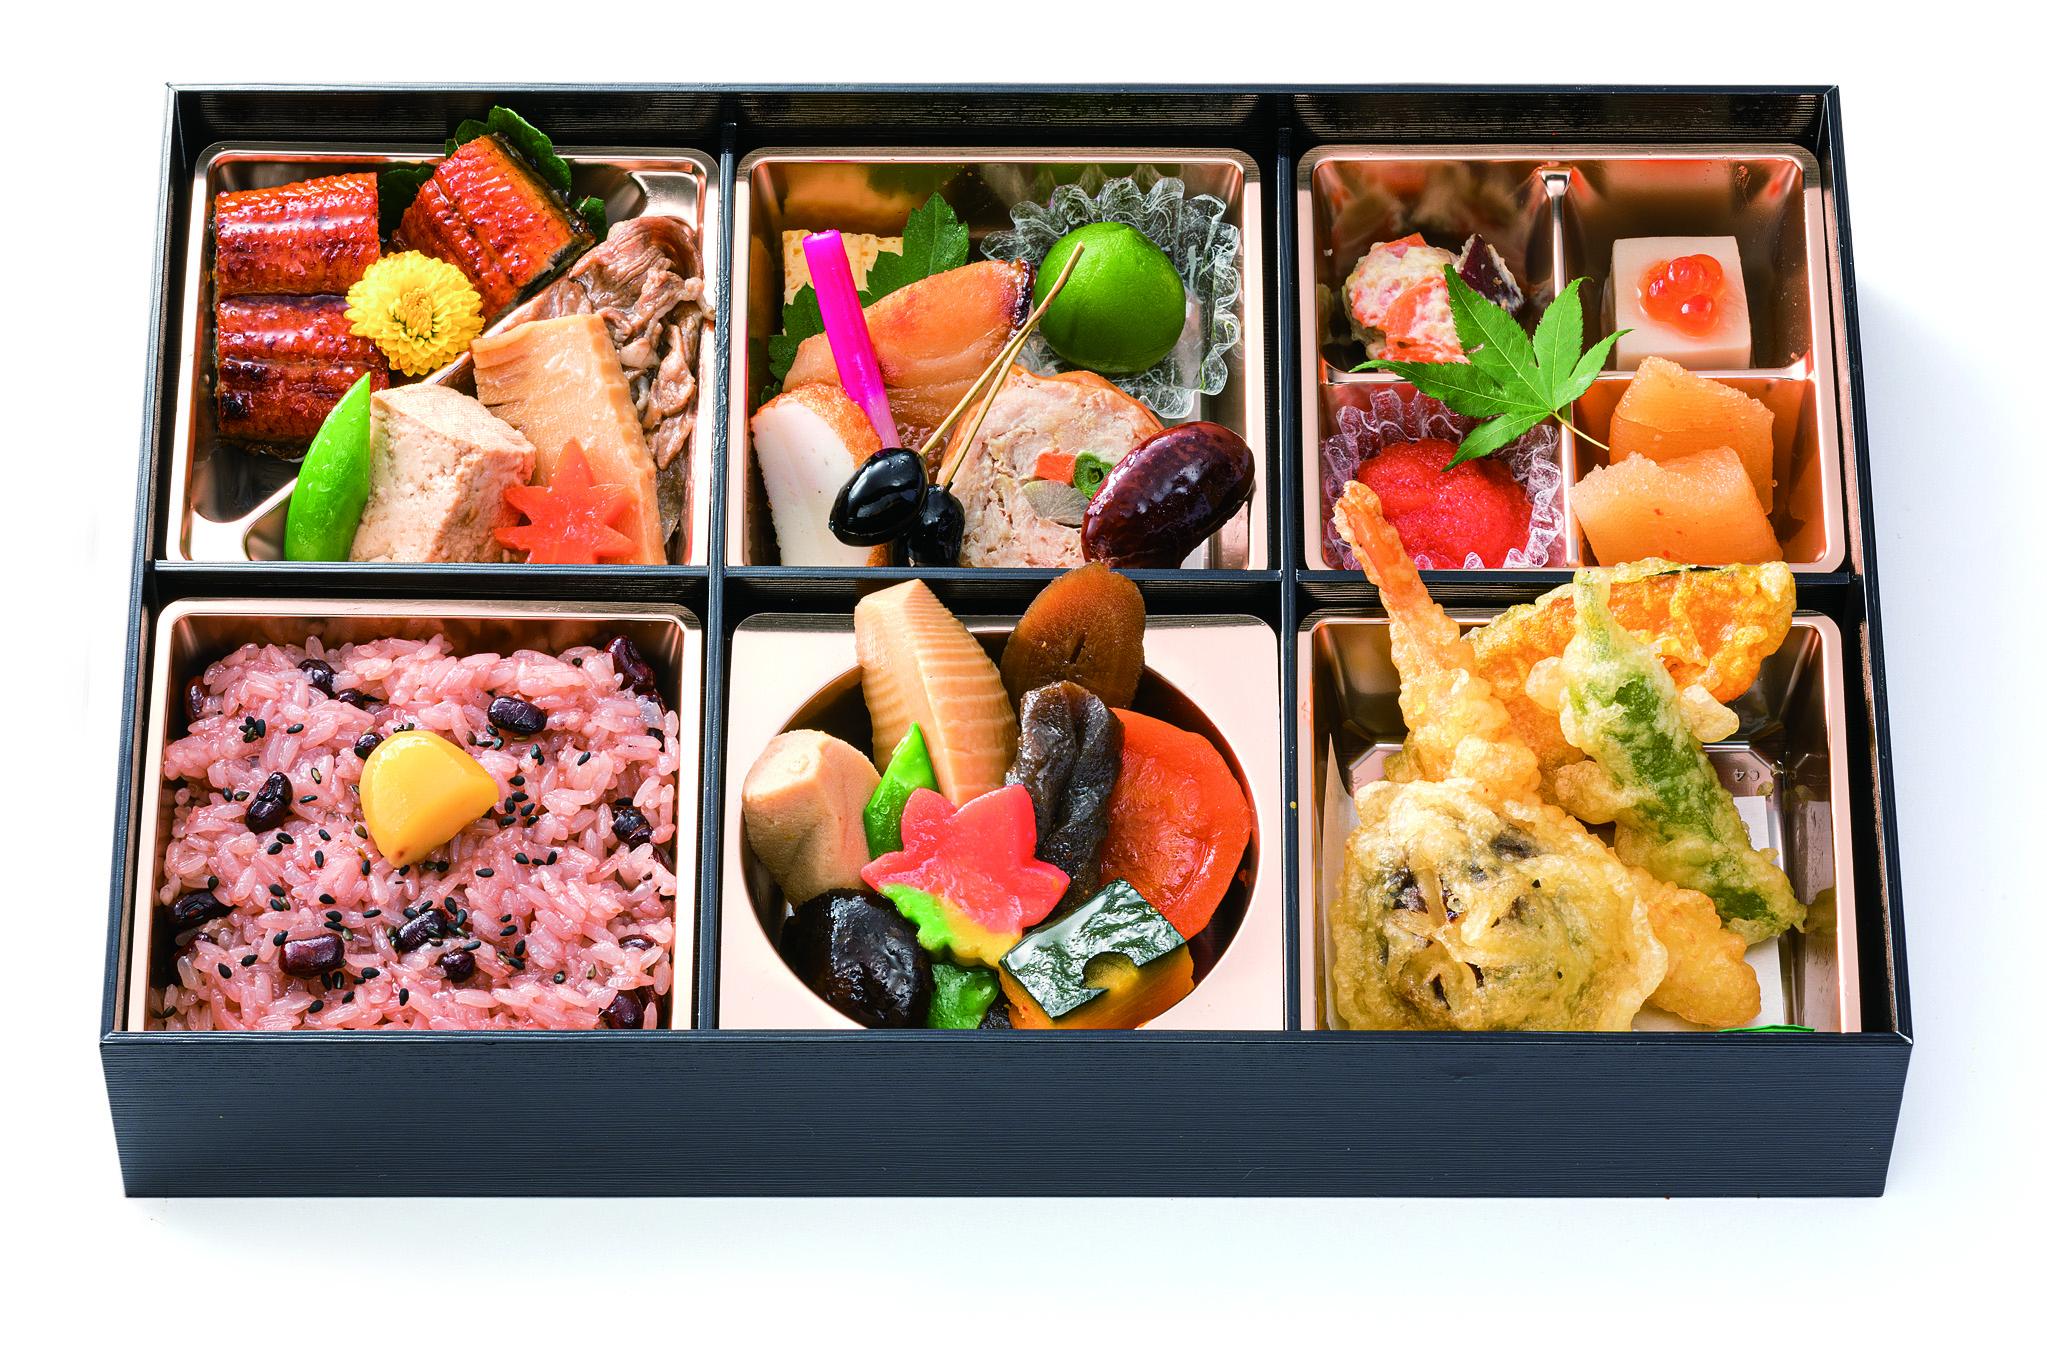 「5,900円」の特別企画弁当も 新宿小田急で開店59周年記念フードフェスが開催中